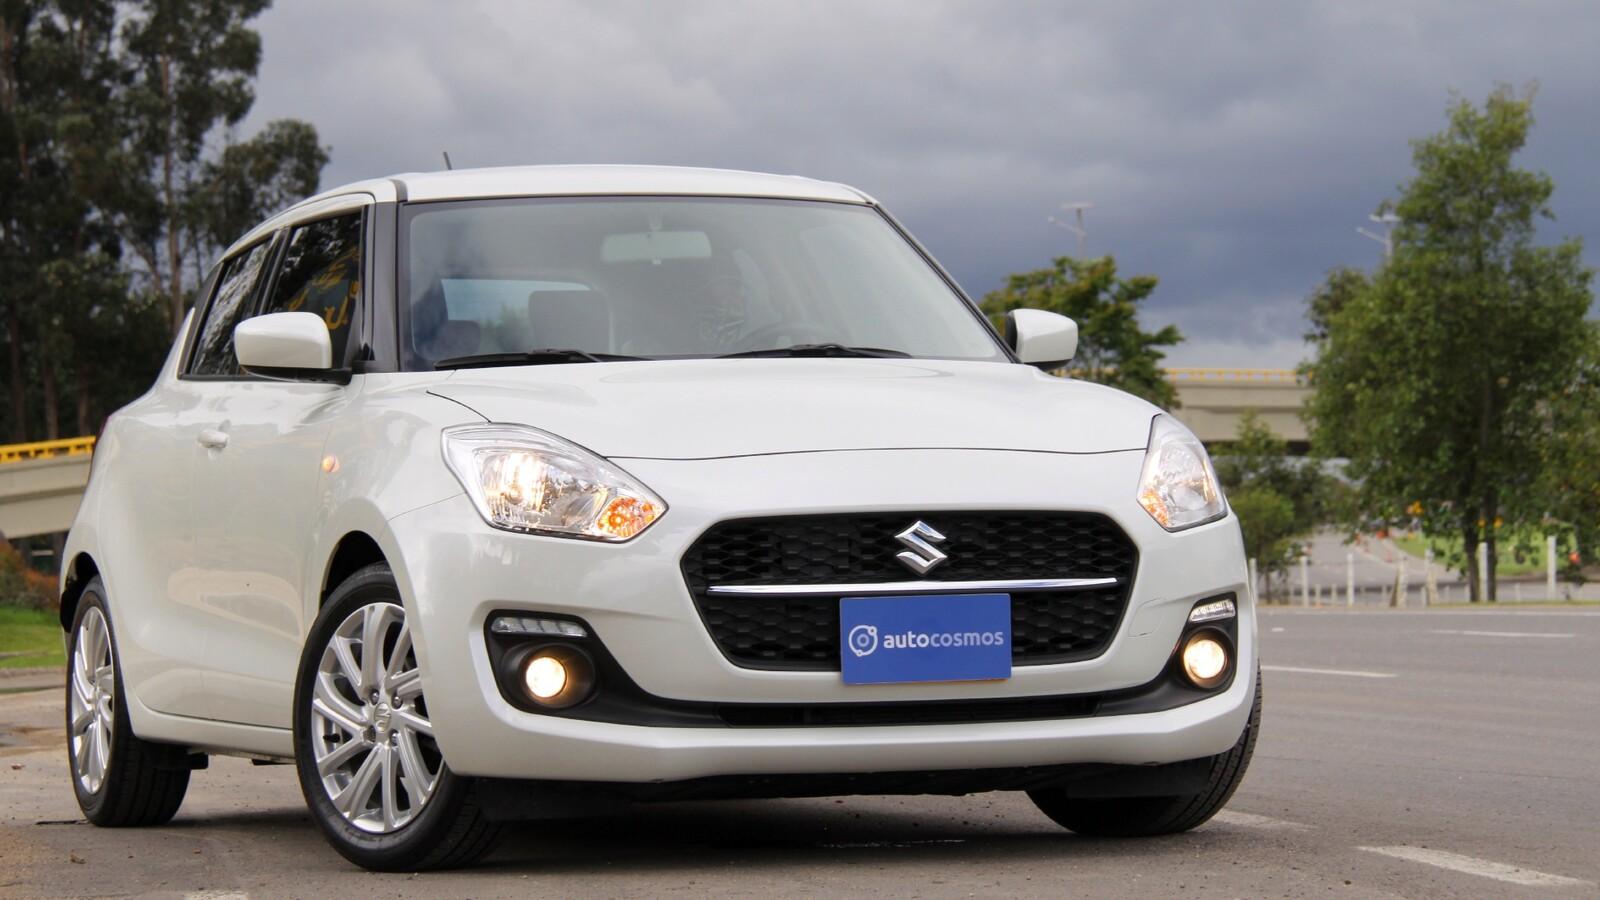 Suzuki Swift Híbrido, prueba de manejo al más económico del segmento